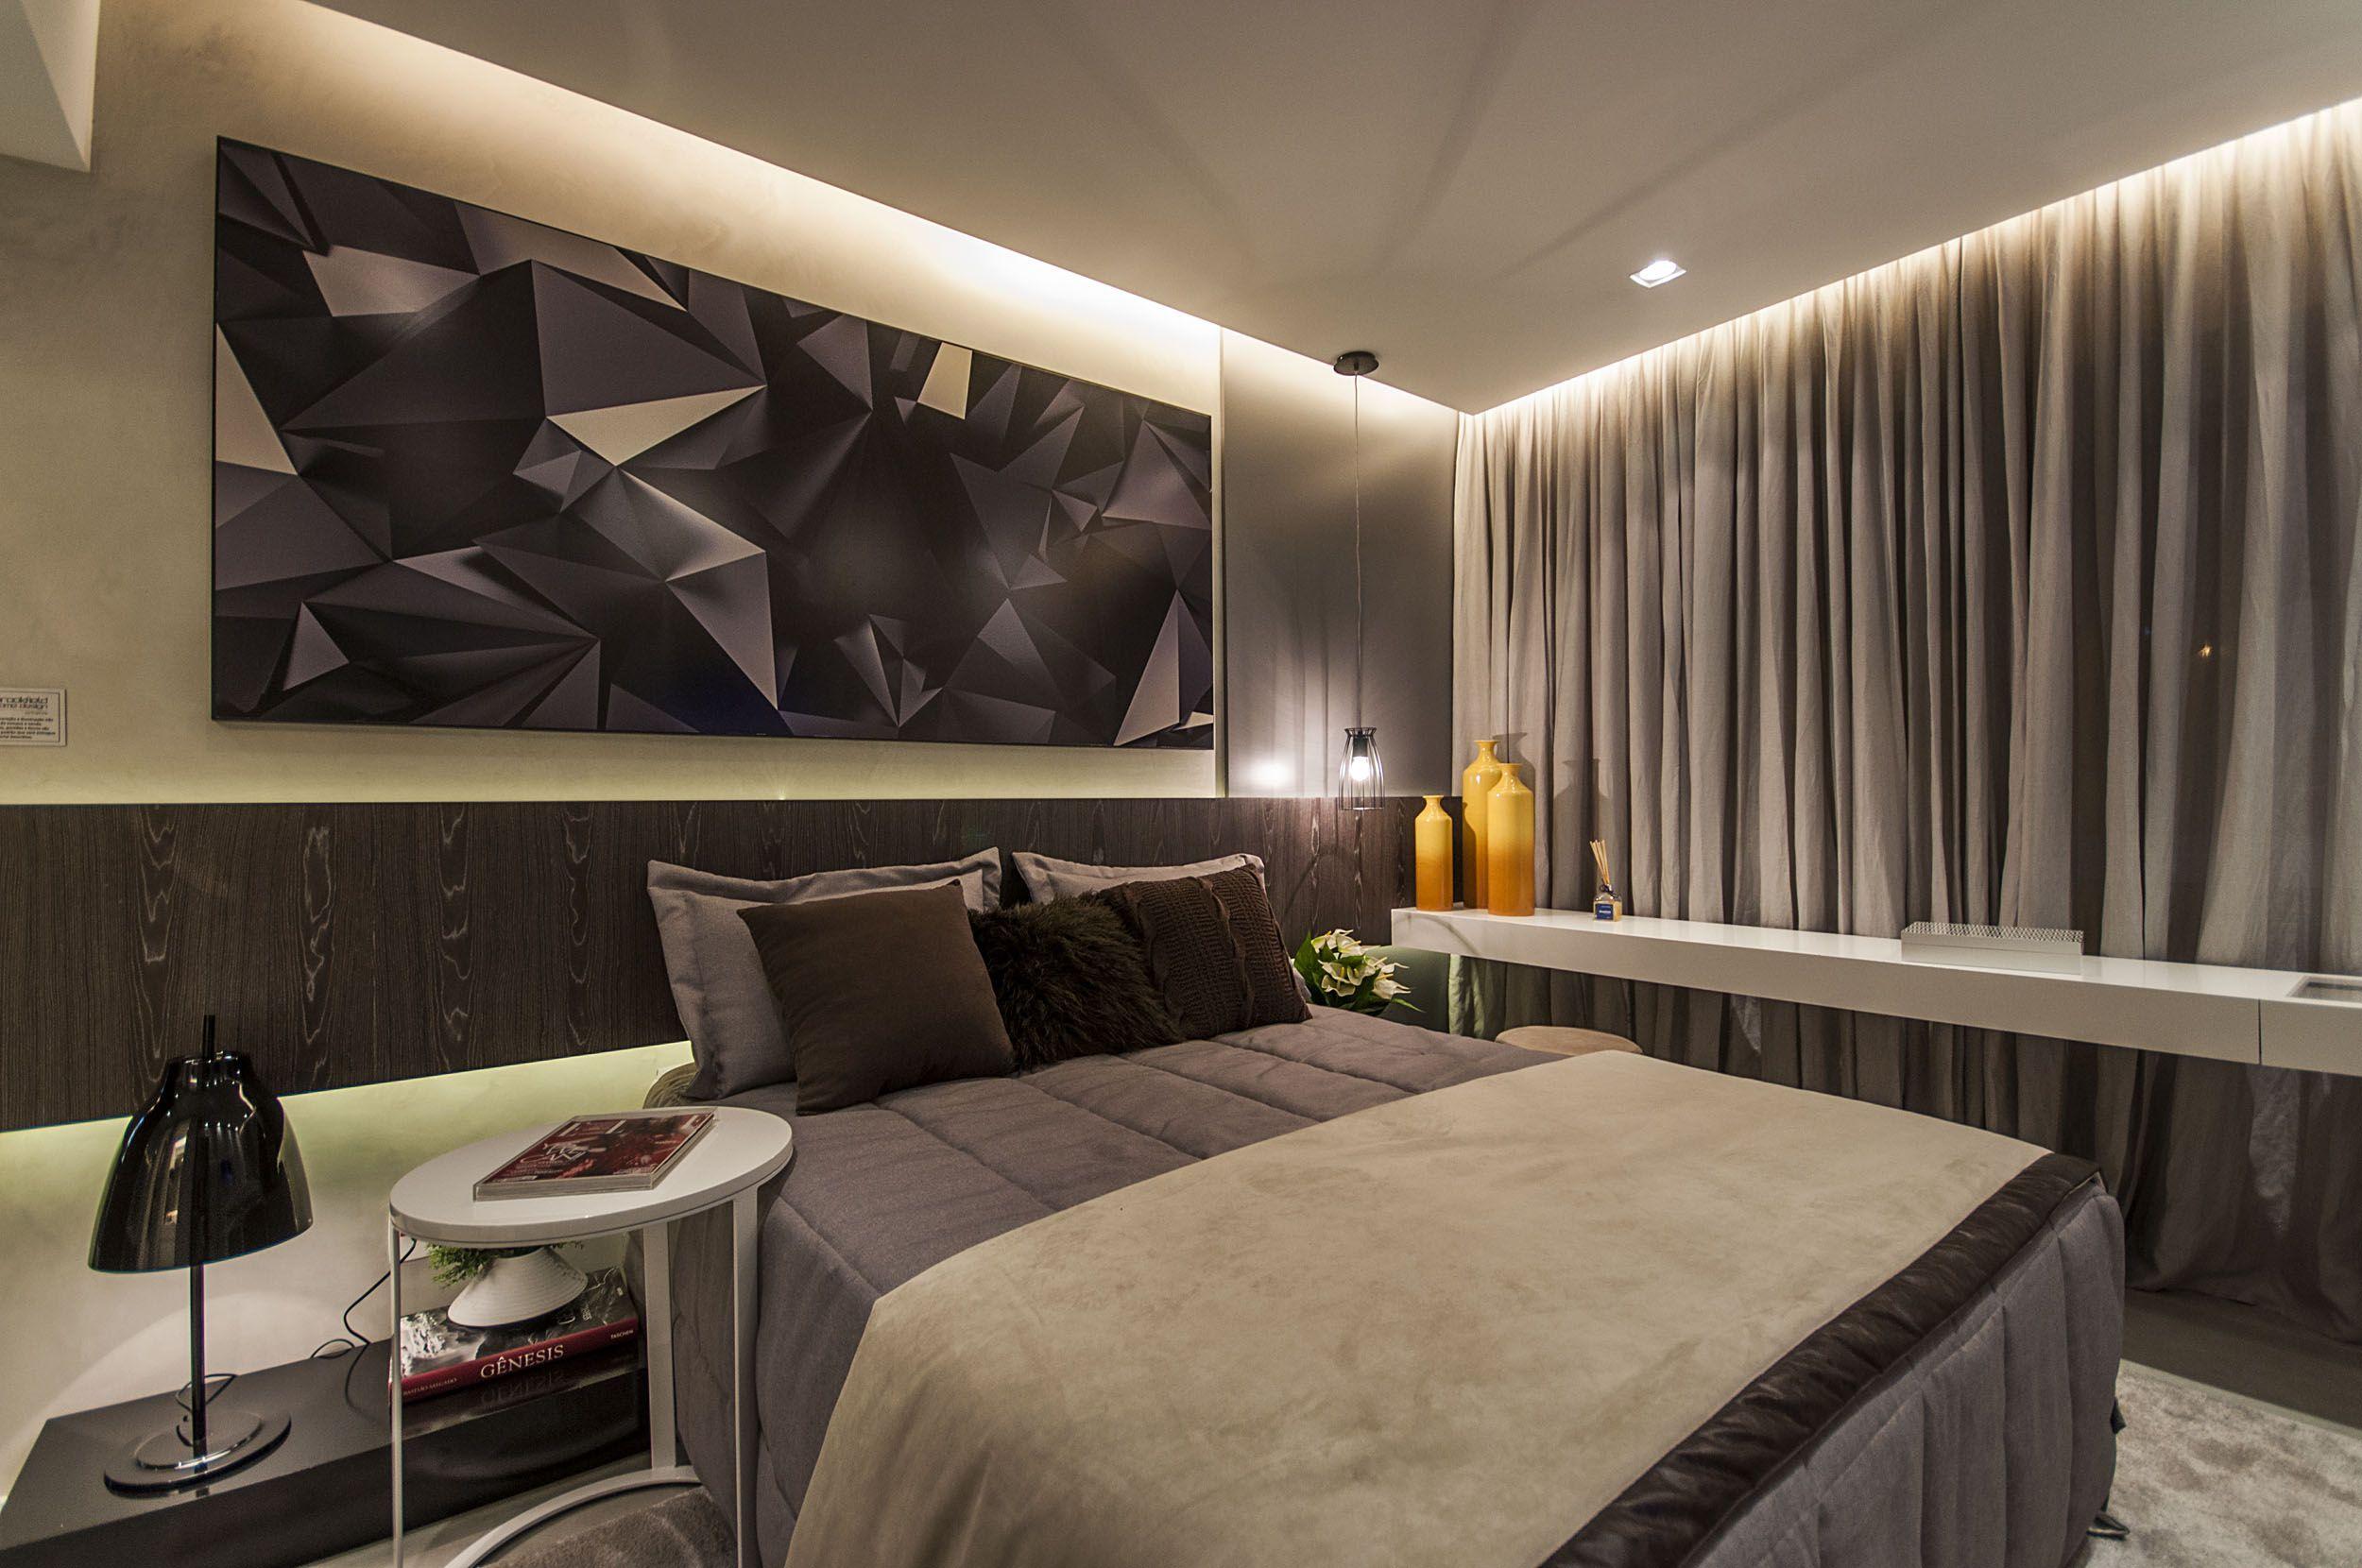 Quarto Rustico ~ quarto de casal rustico moderno Pesquisa Google Home, sweet home! Pinterest